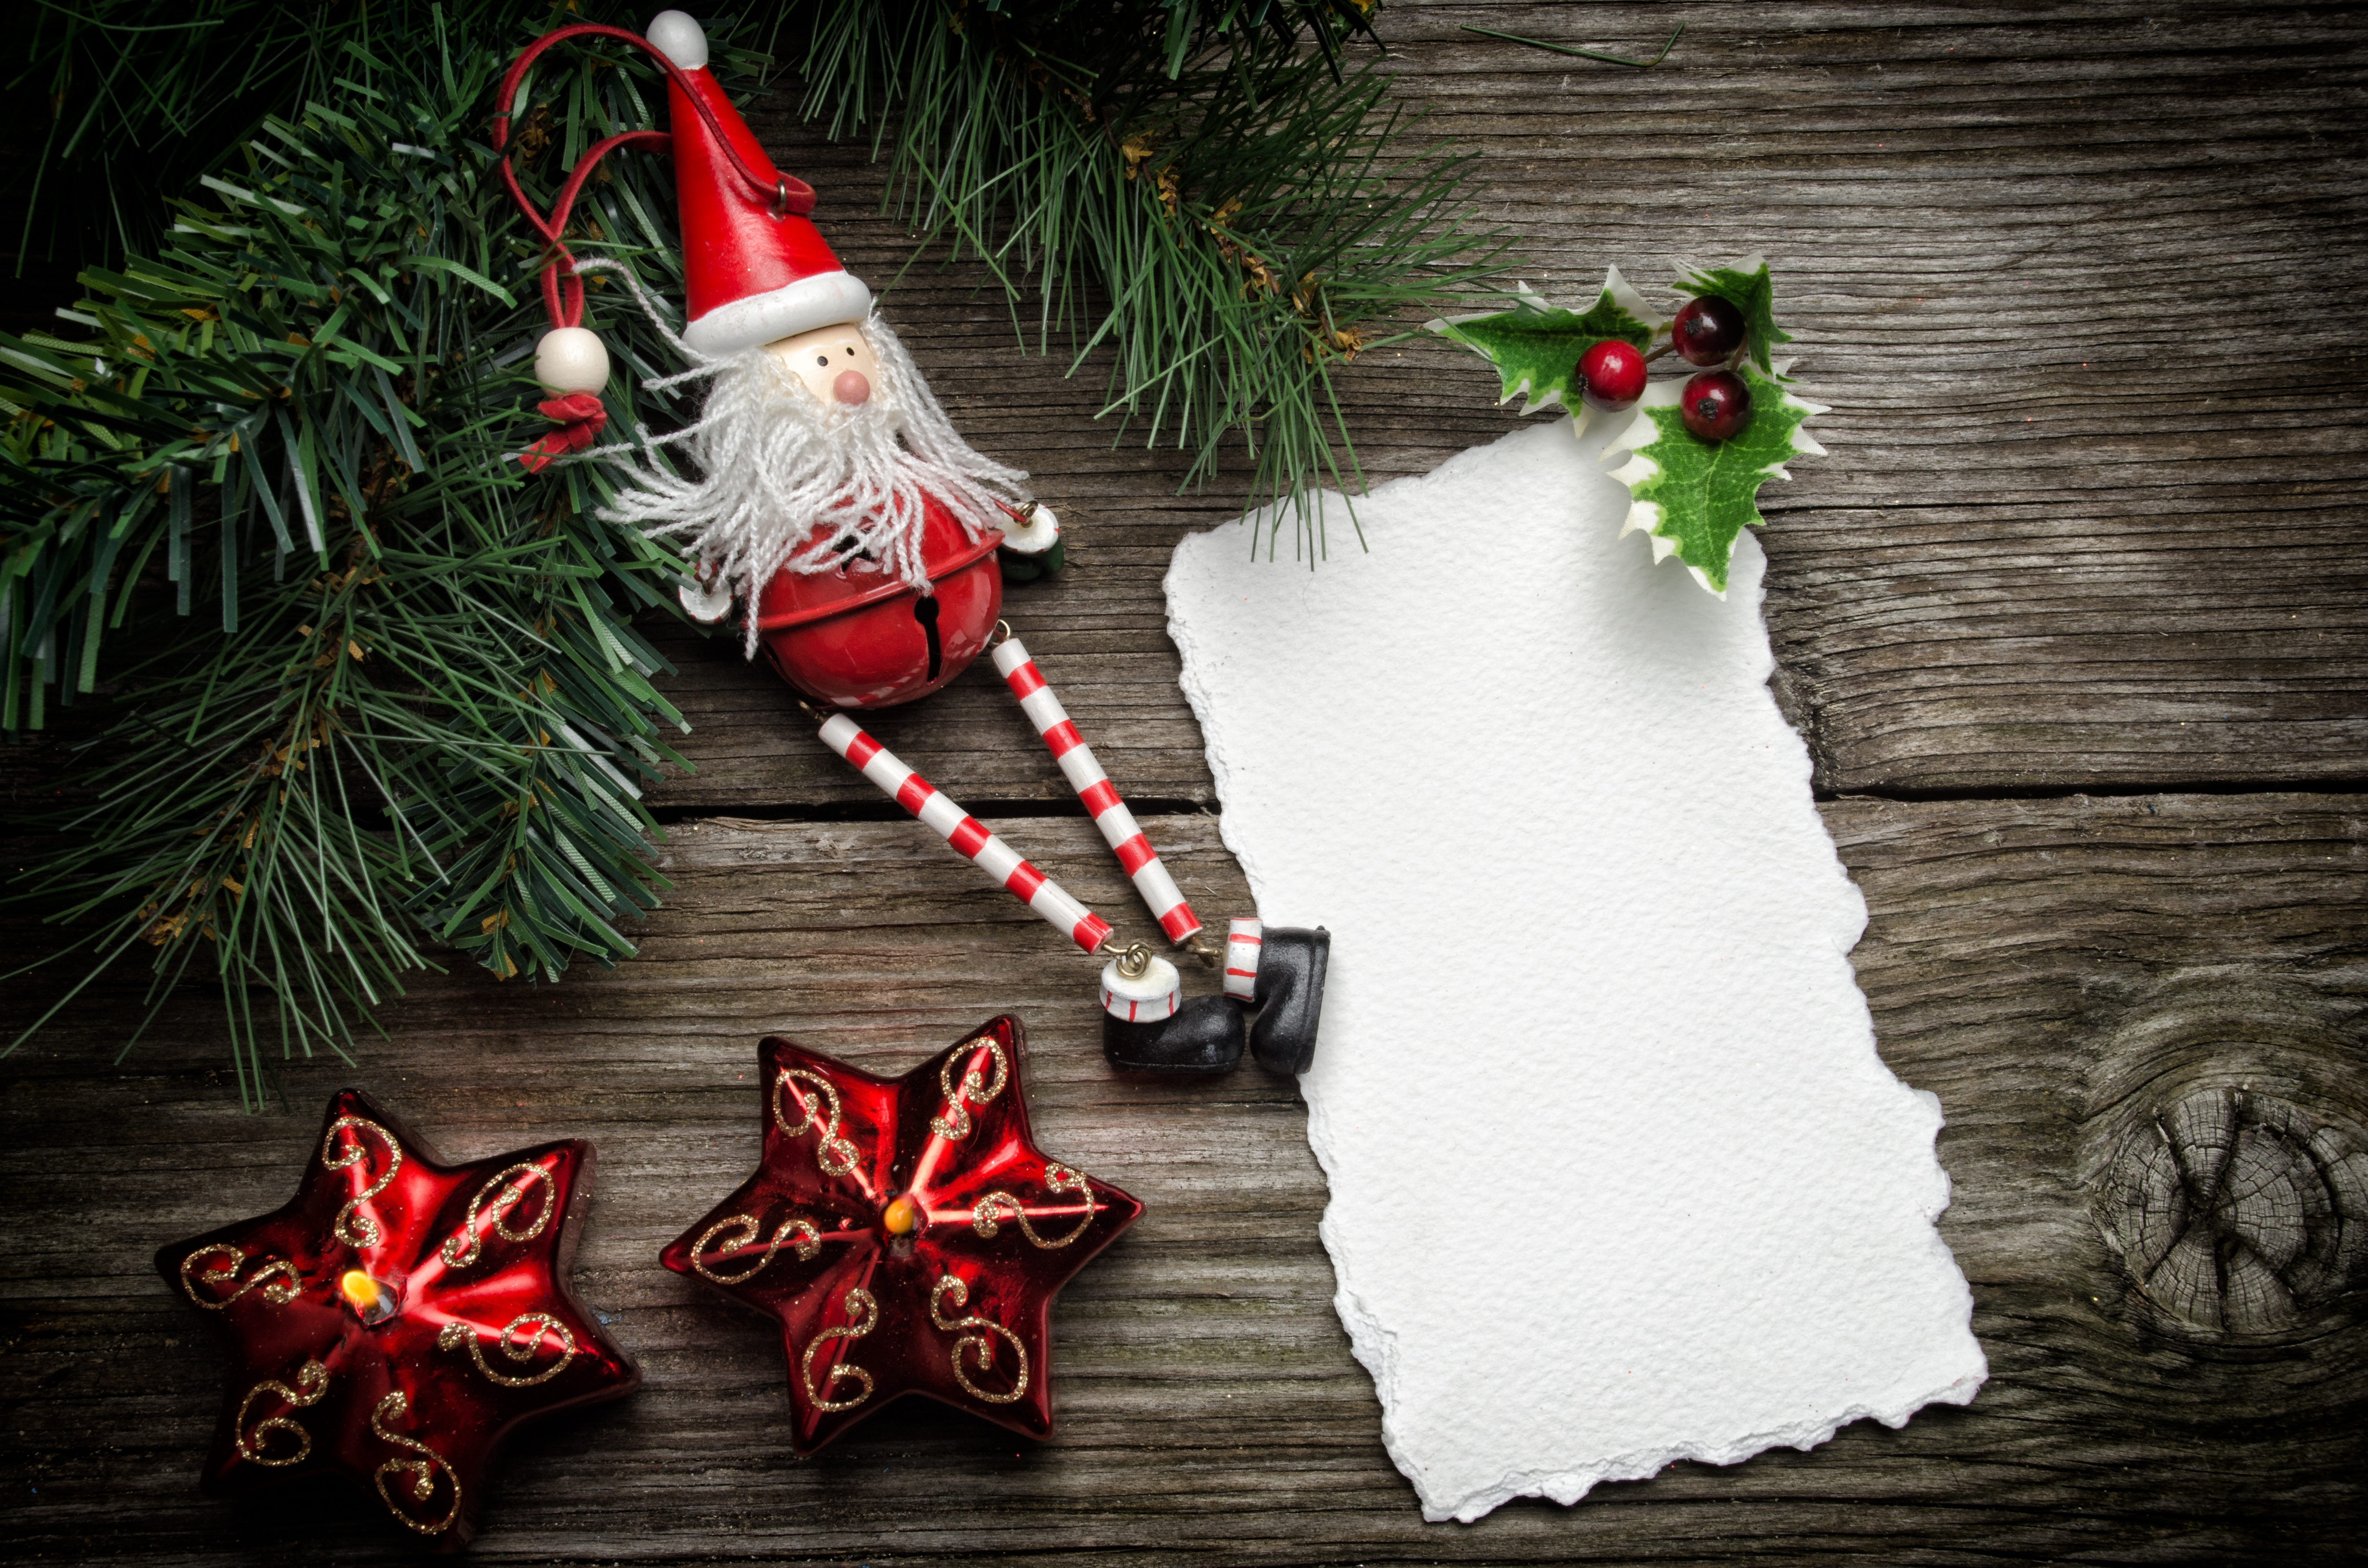 часы игрушки подарки снежинки  № 2647430 загрузить